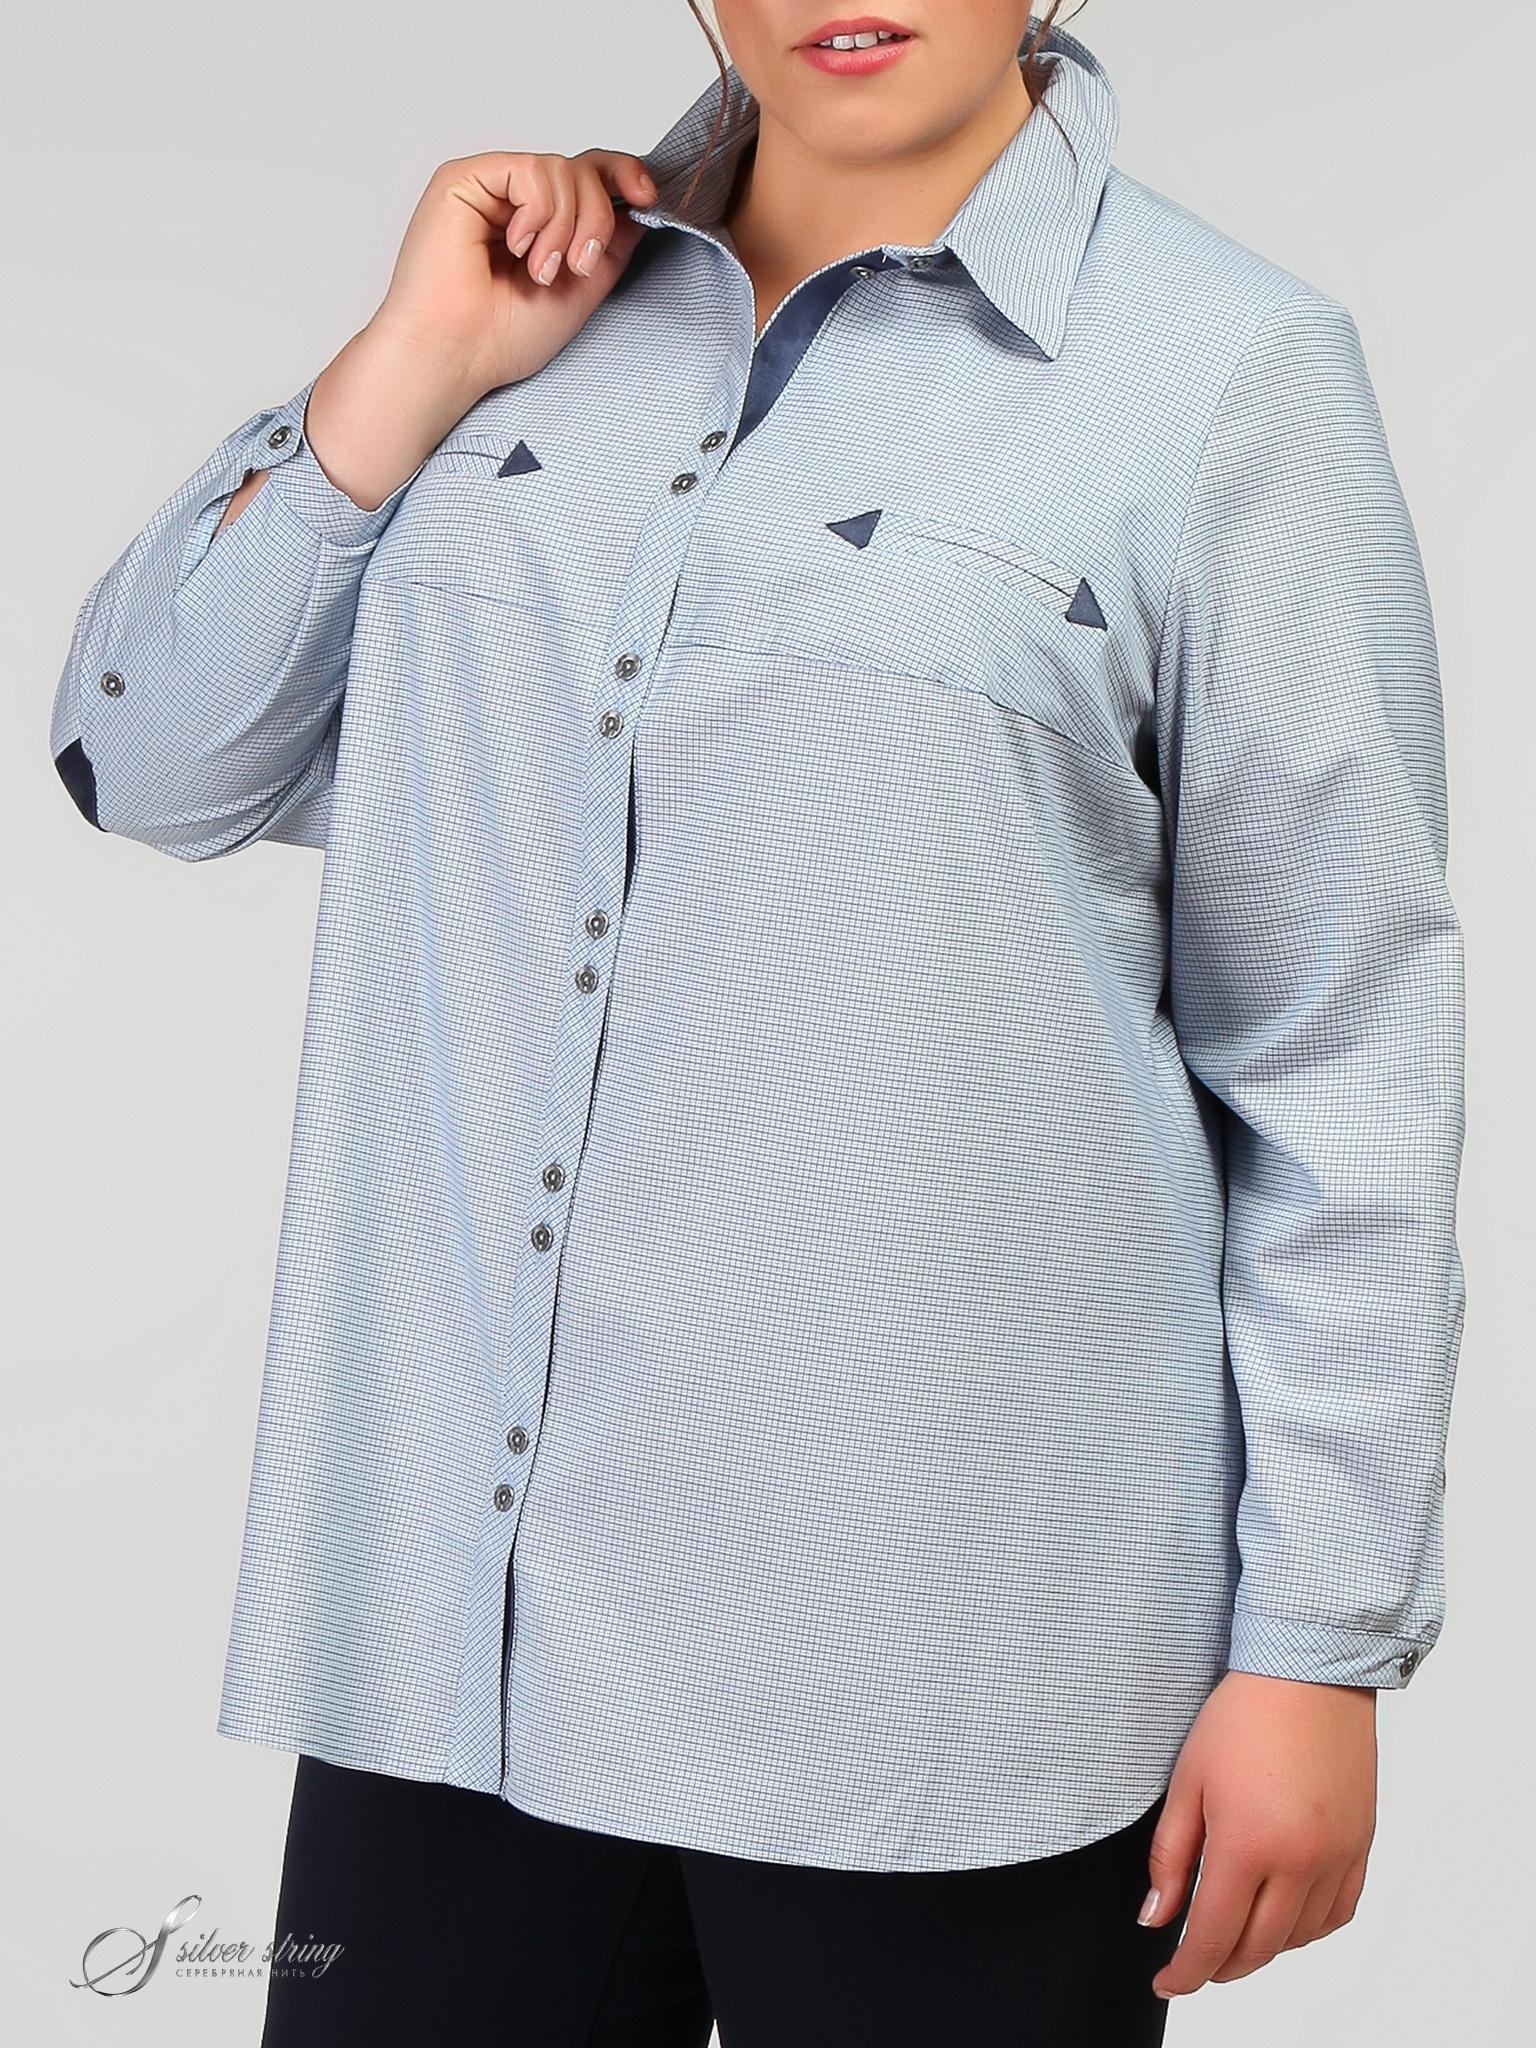 Купить Блузку Большого Размера В Самаре